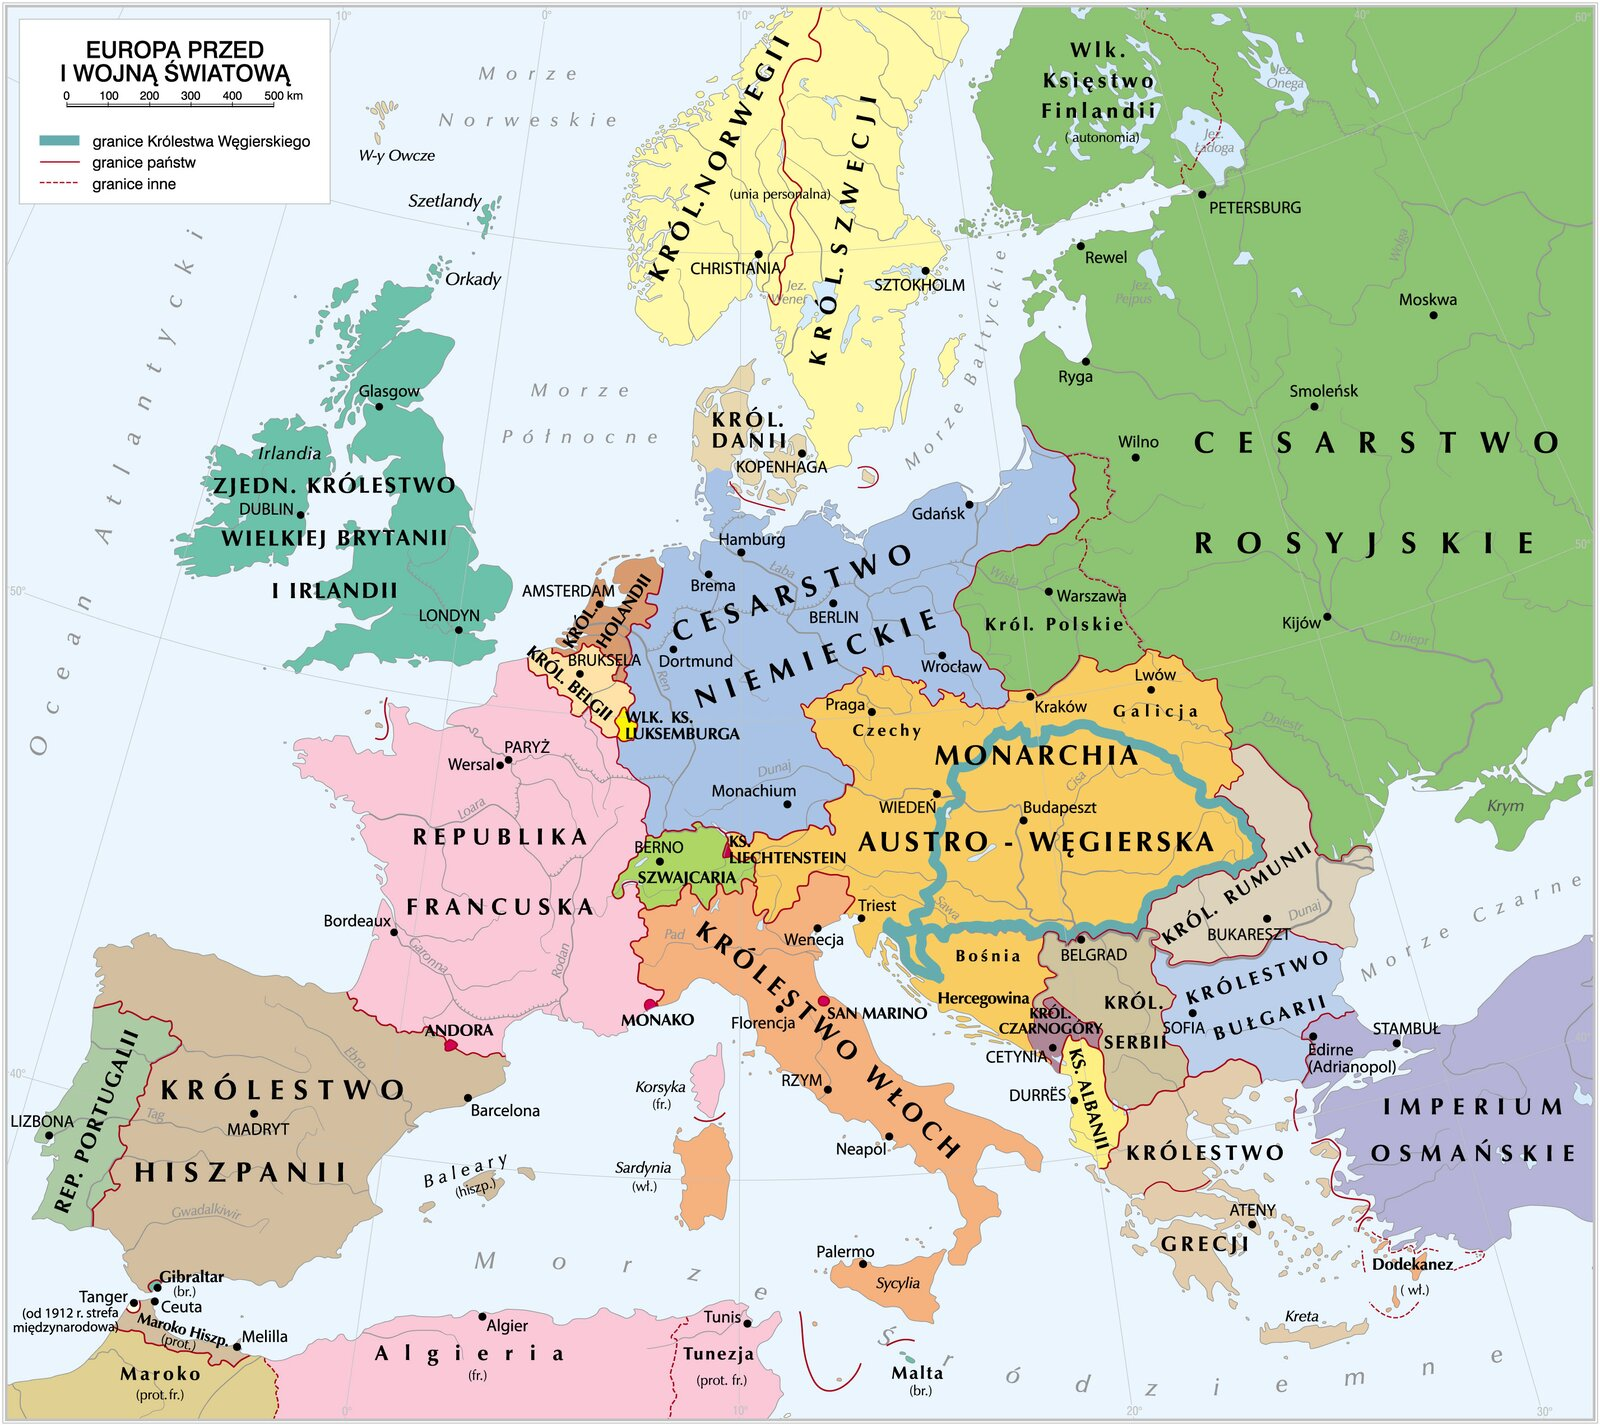 Europa przed Iwojną światową Europa przed Iwojną światową Źródło: Krystian Chariza izespół, licencja: CC BY 3.0.